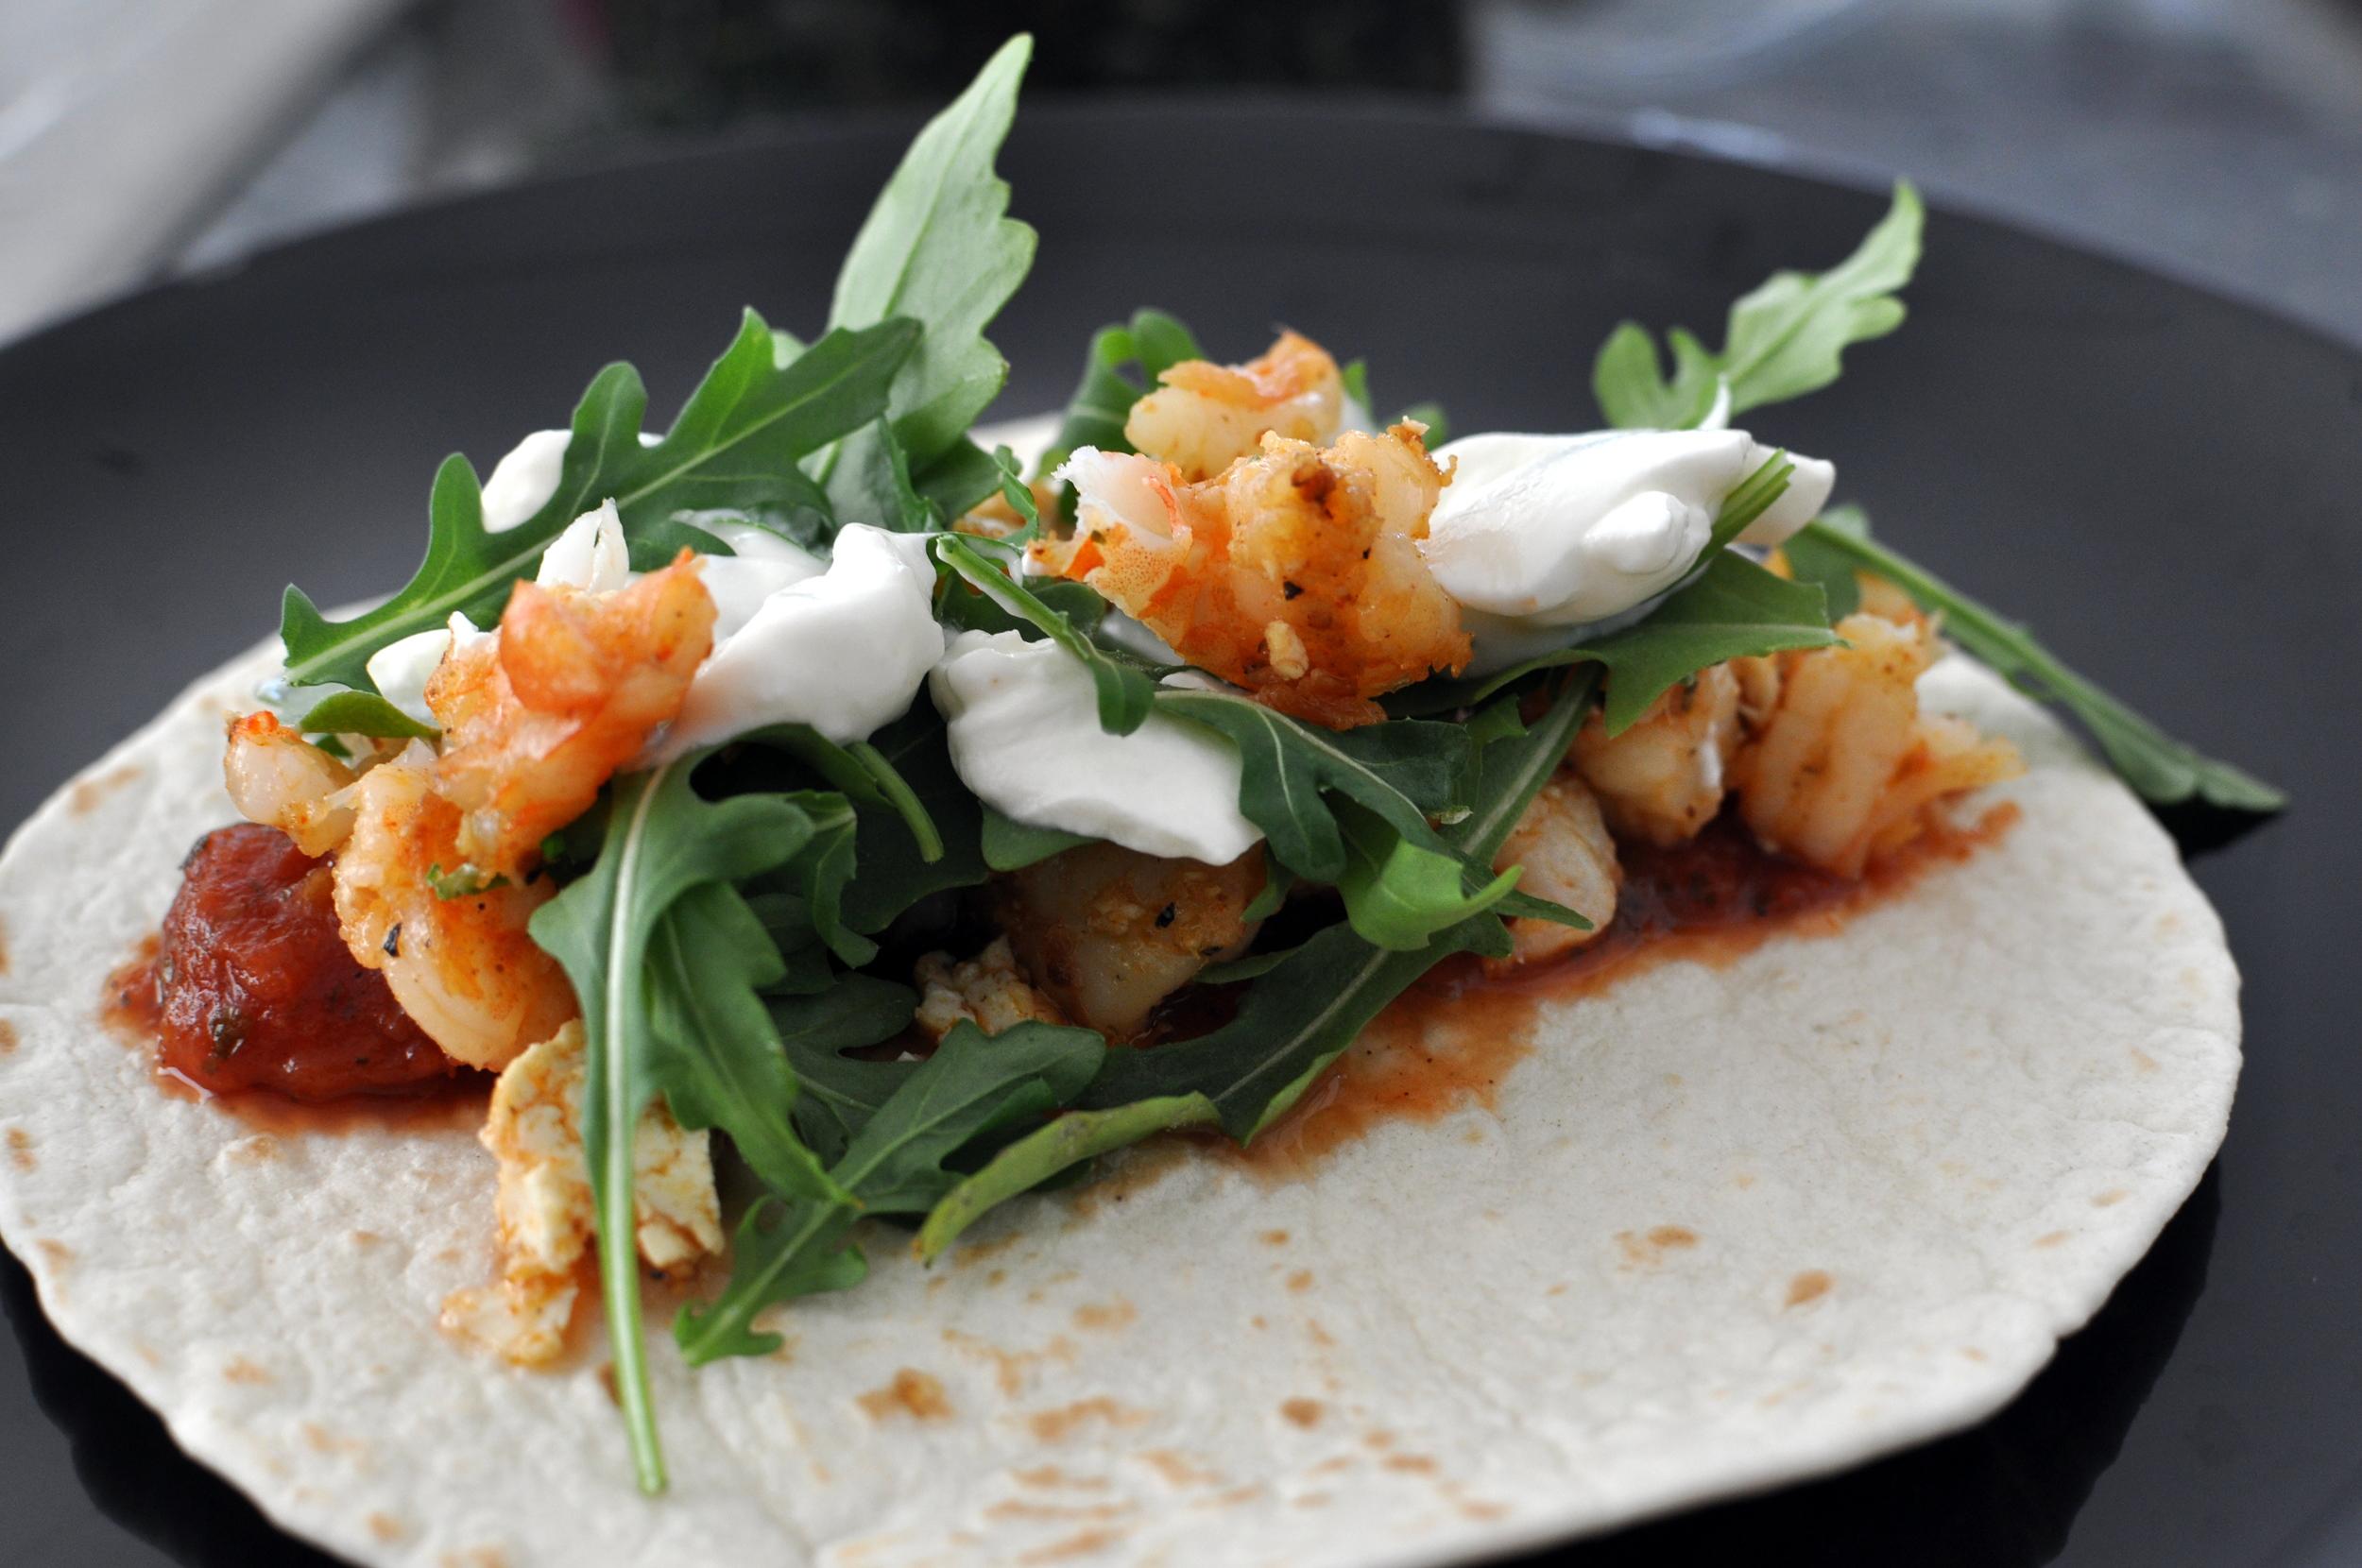 cajun spiced shrimp and tofu tacos